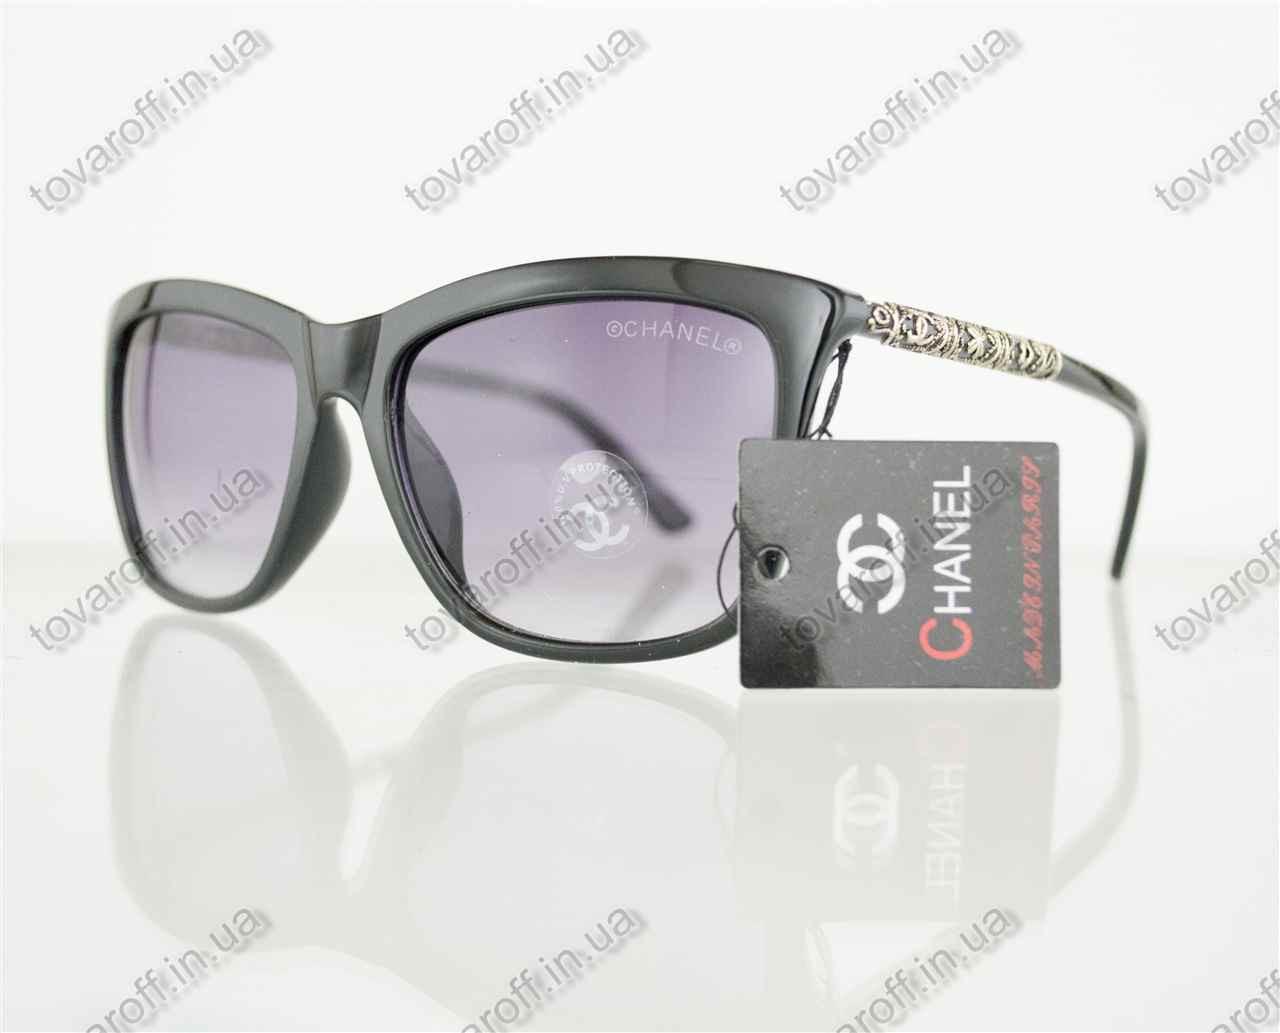 Окуляри жіночі сонцезахисні брендові Chanel (Шанель) - Чорні - 97